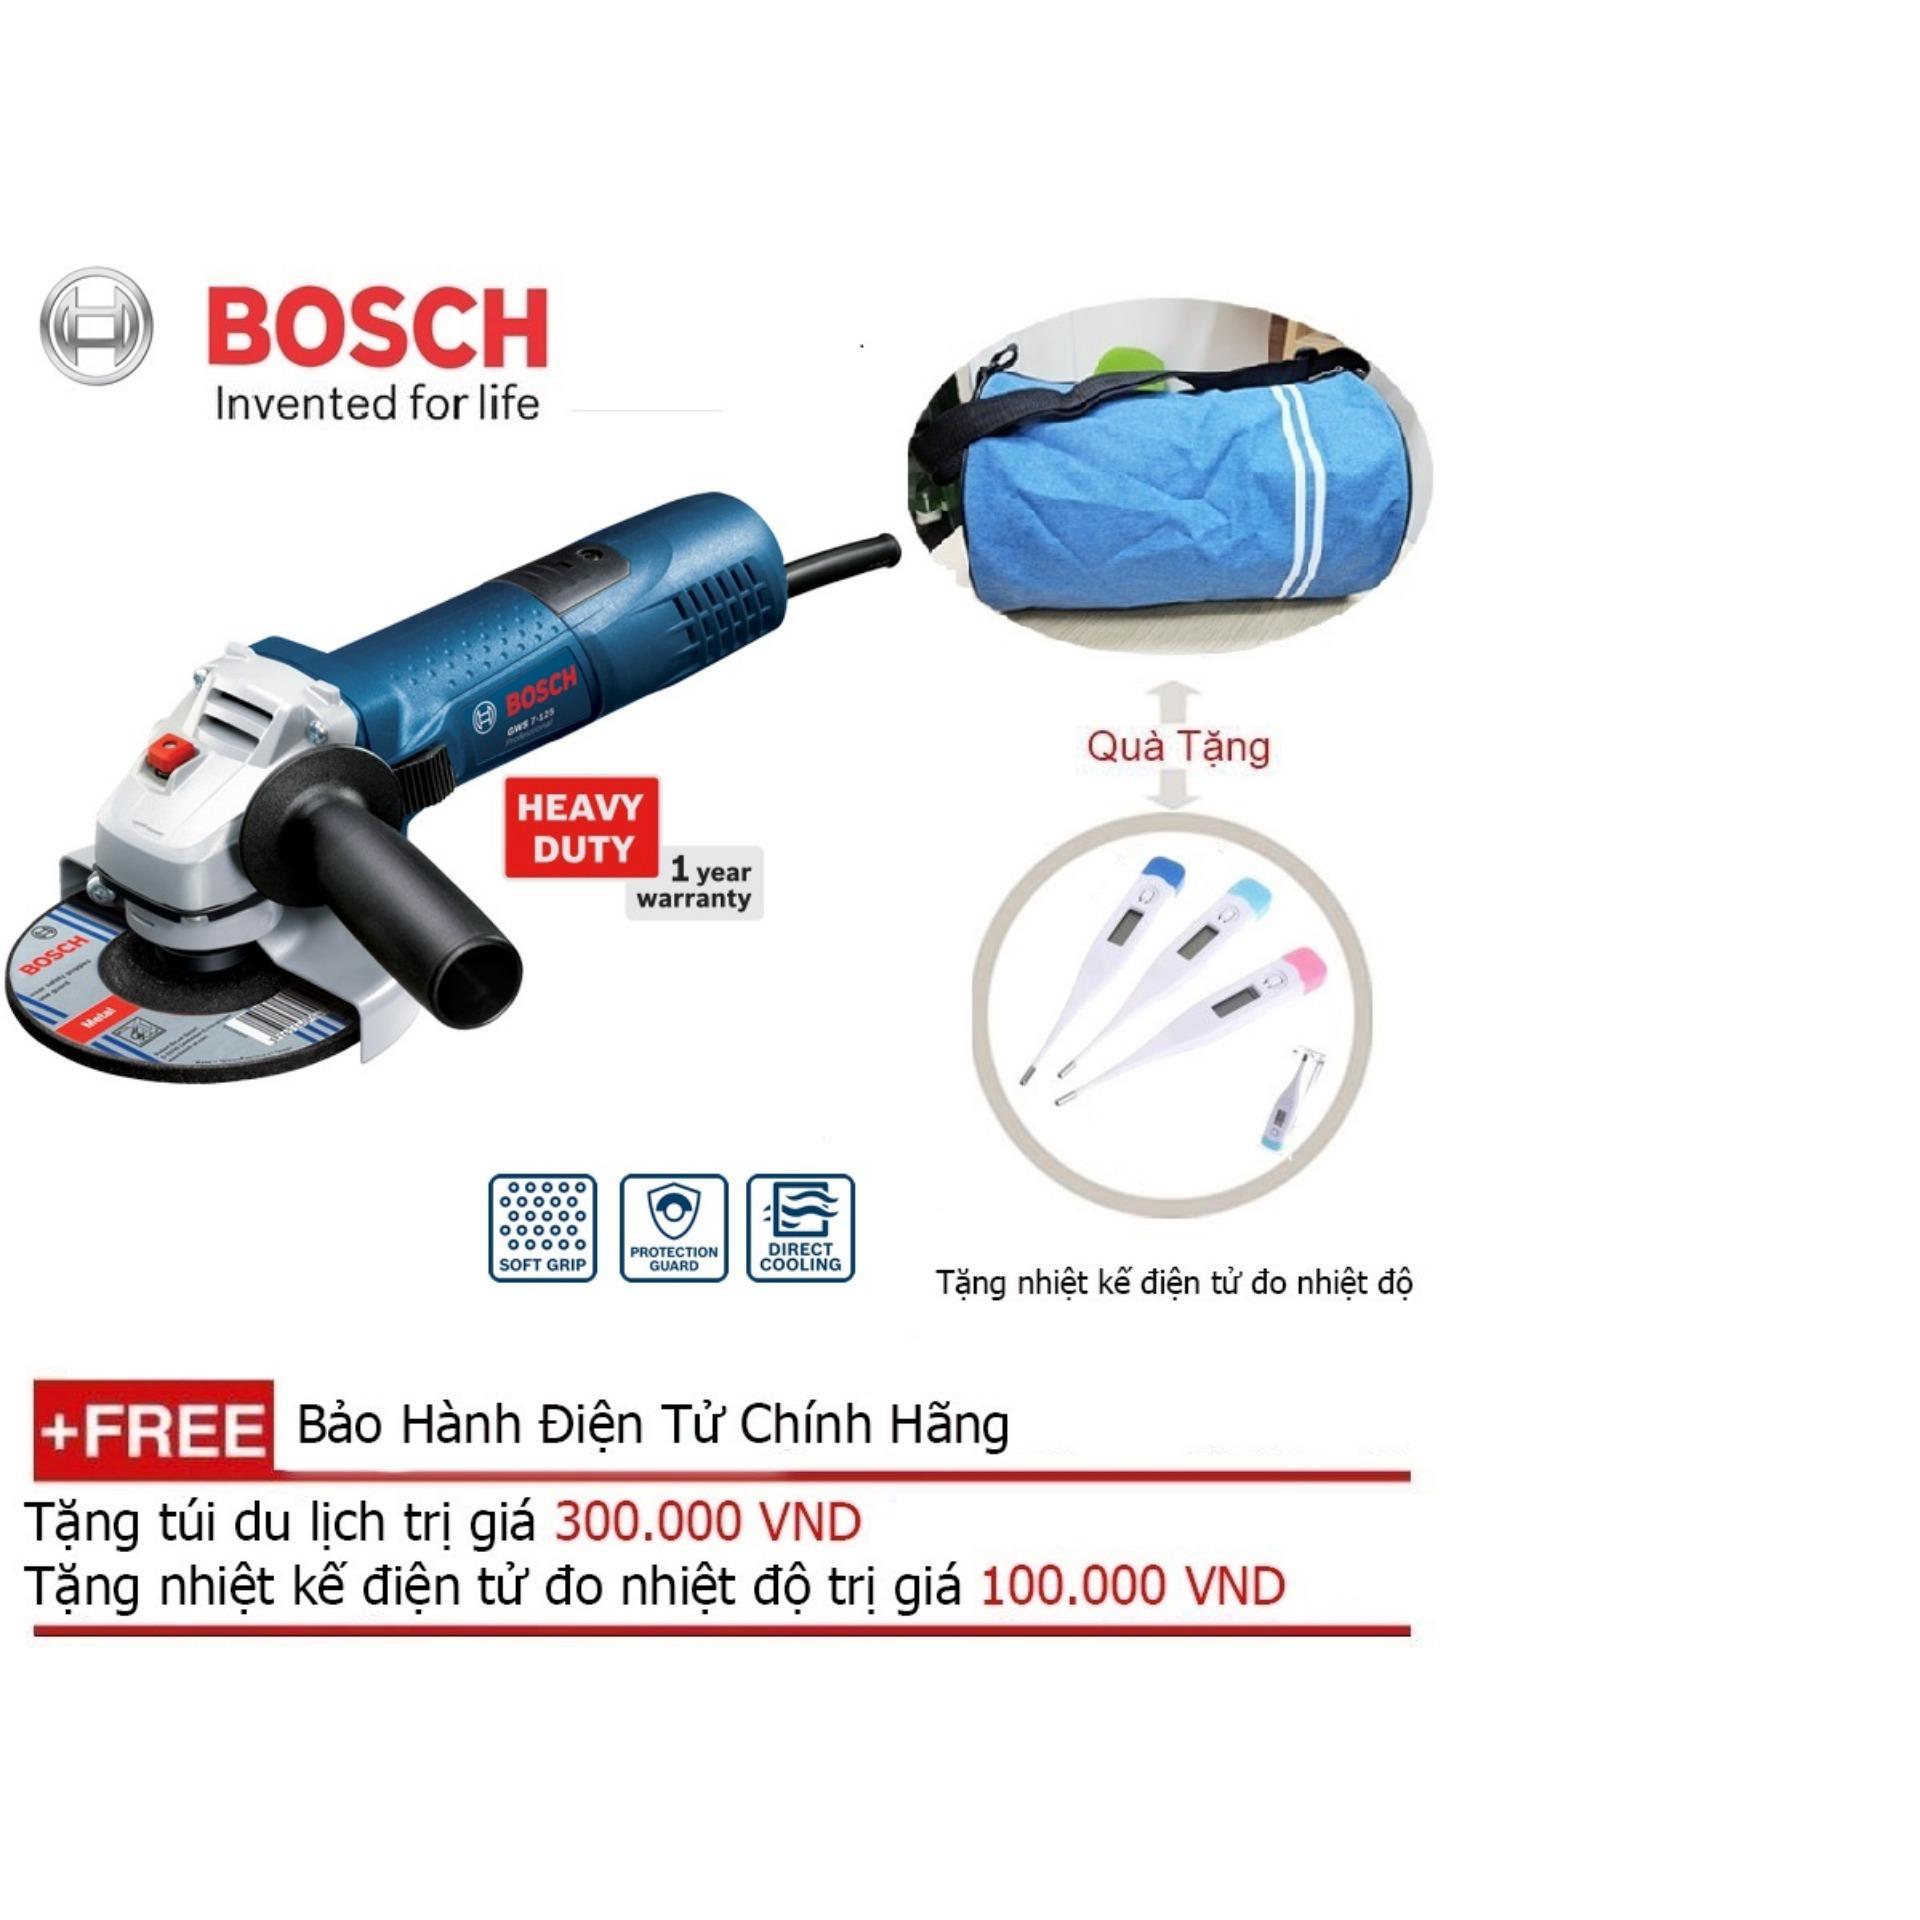 Máy mài góc Bosch GWS 7-125 + Quà tặng alo du lịch